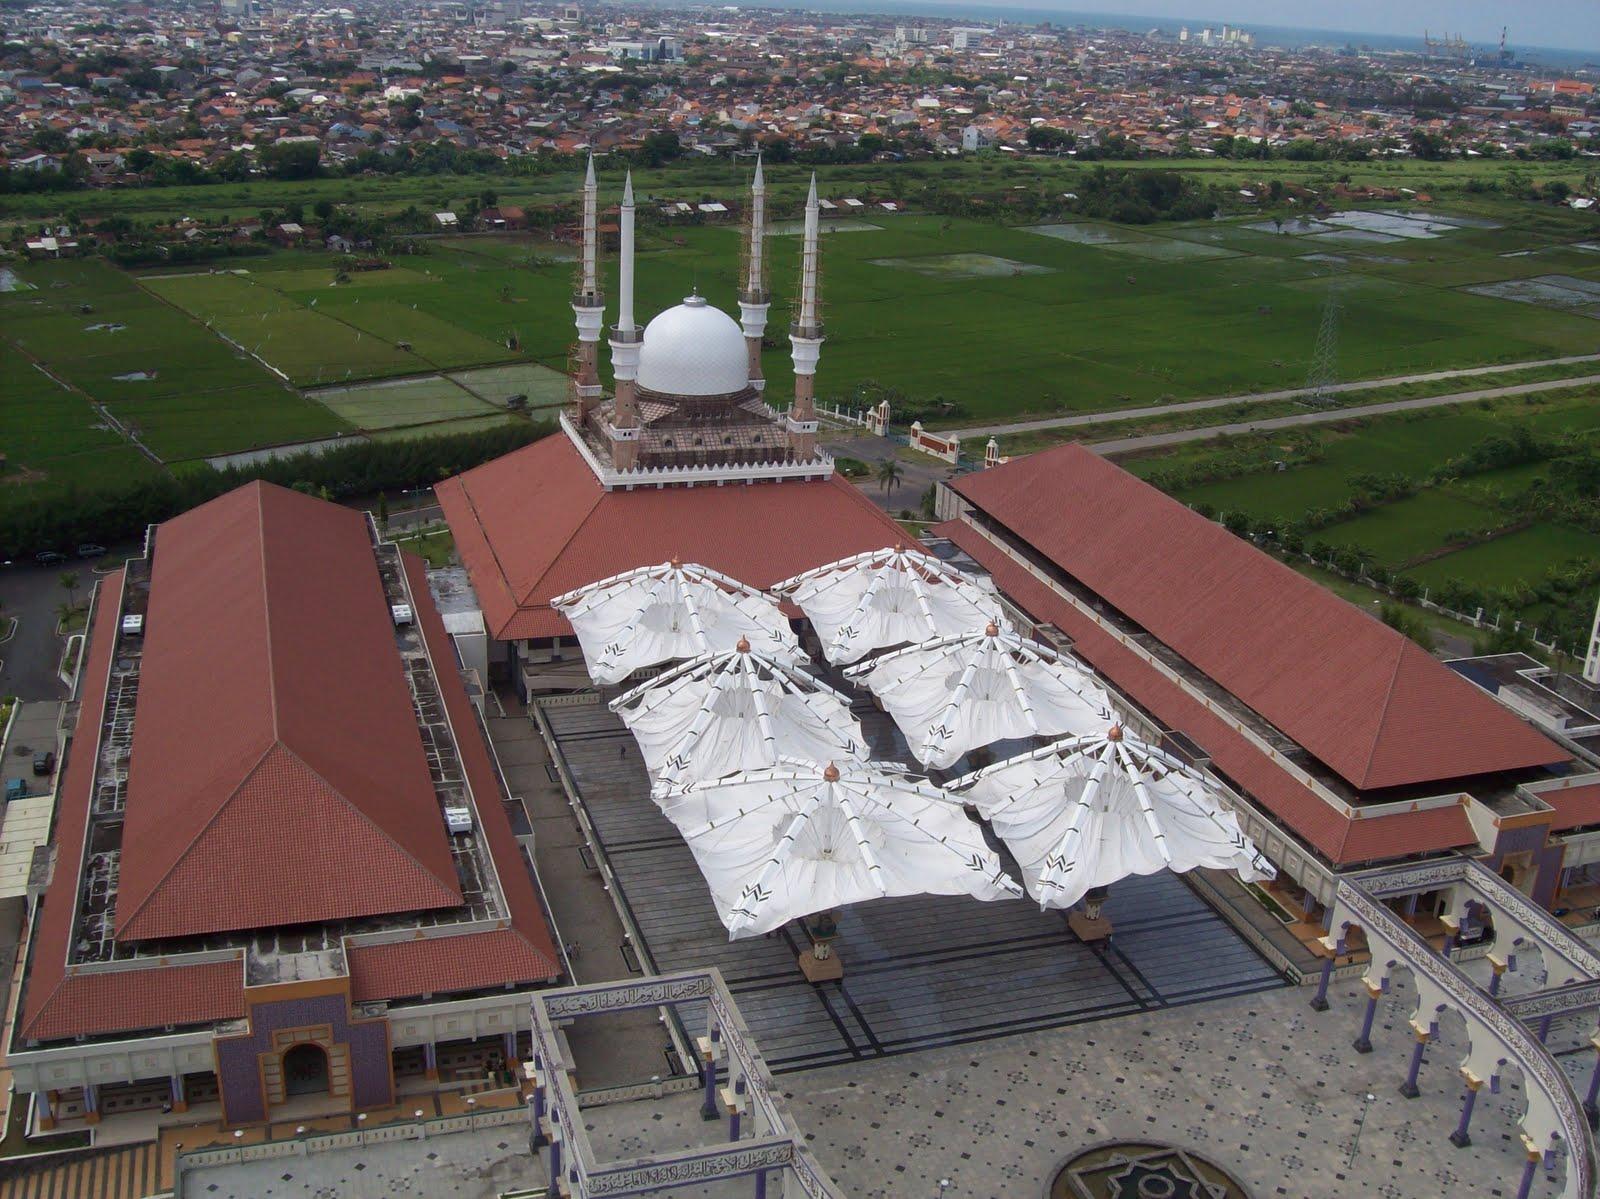 Masjid Agung Jawa Tengah Bumi Nusantara Terletak Jalan Gajah Raya